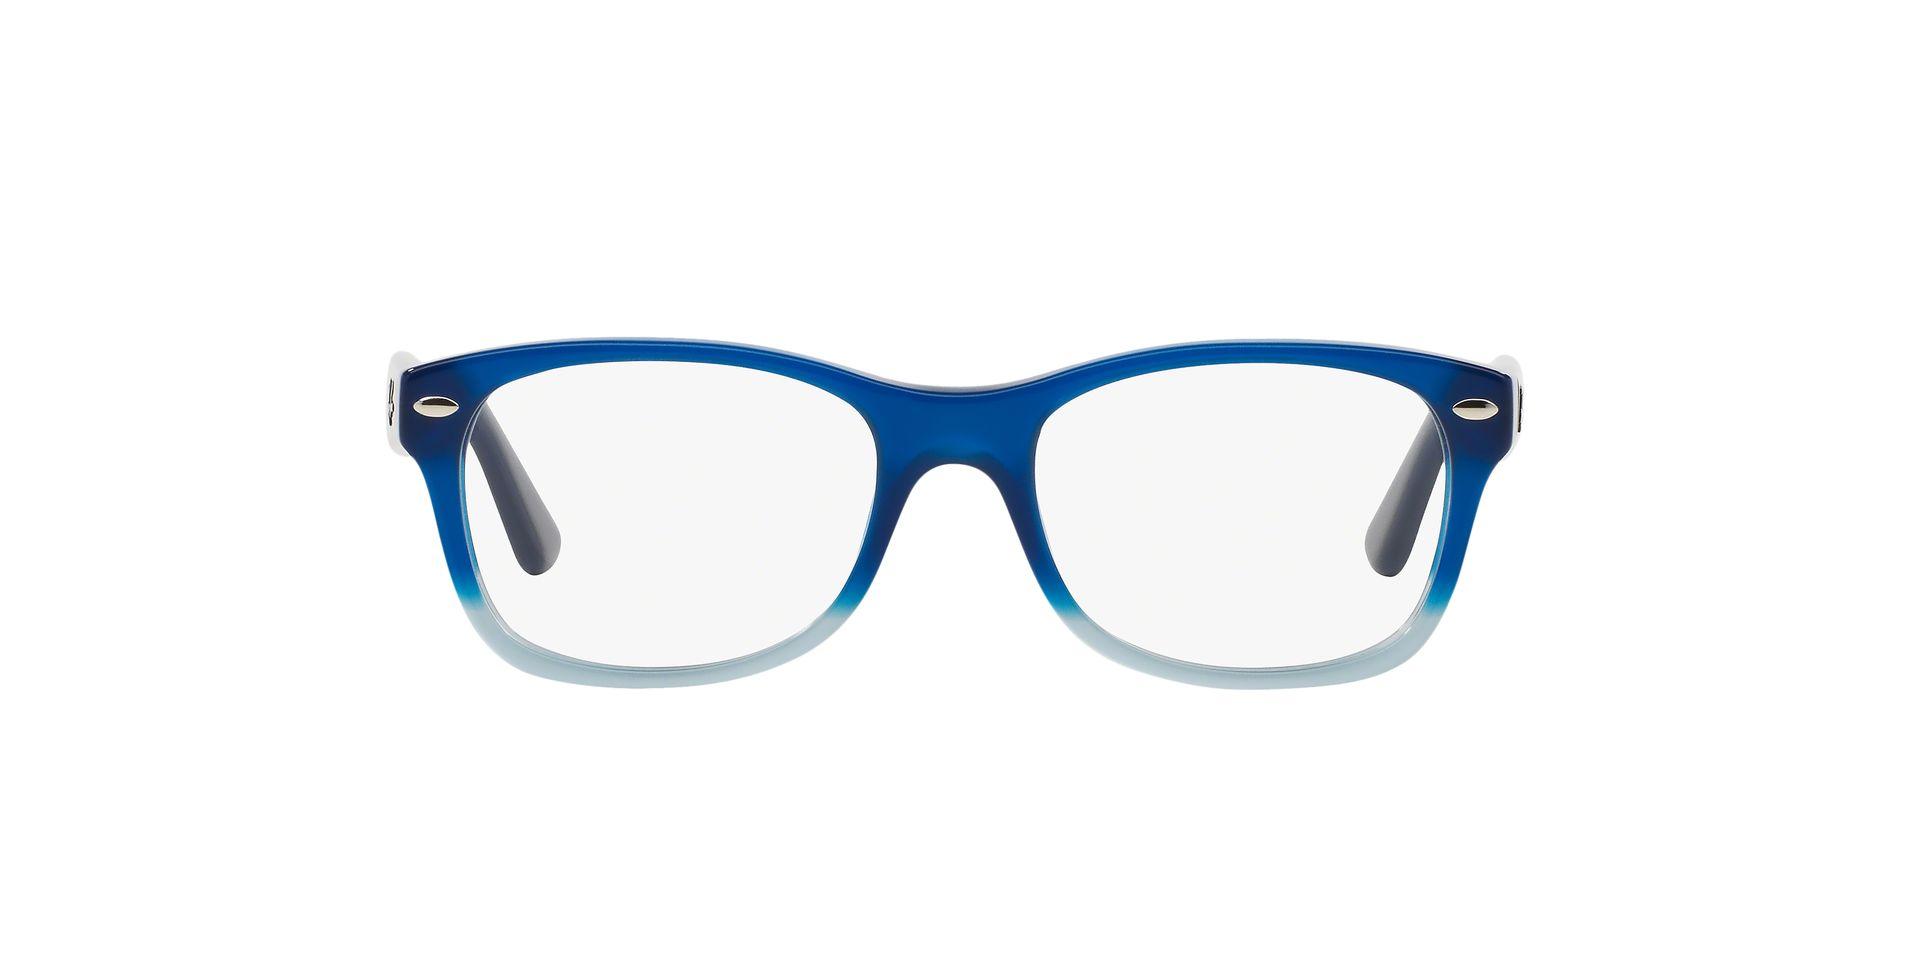 e4eb3c2060cc4e Brillenchic - onlineshop Berlin Ihr starker Partner für exklusive Brillen  online kaufen Ray Ban JUNIOR RB 1528 3581 exklusiv im Brillenchic-Onlineshop